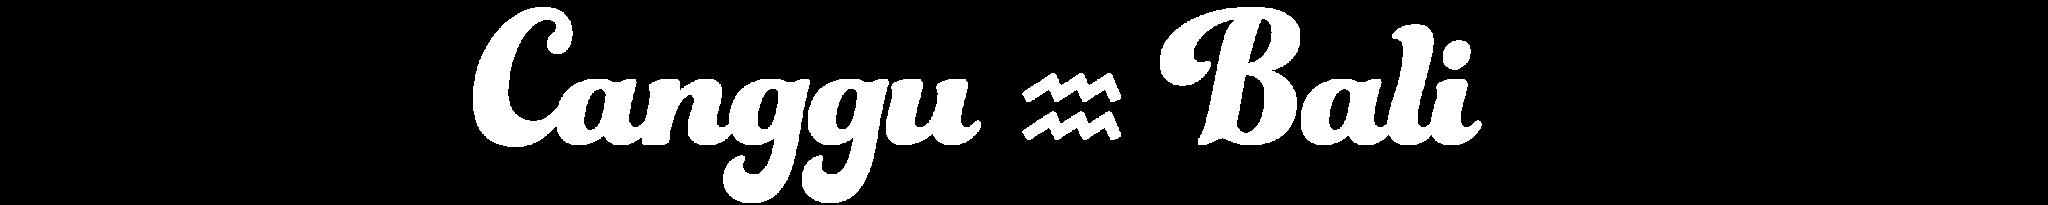 nom canggu-bali